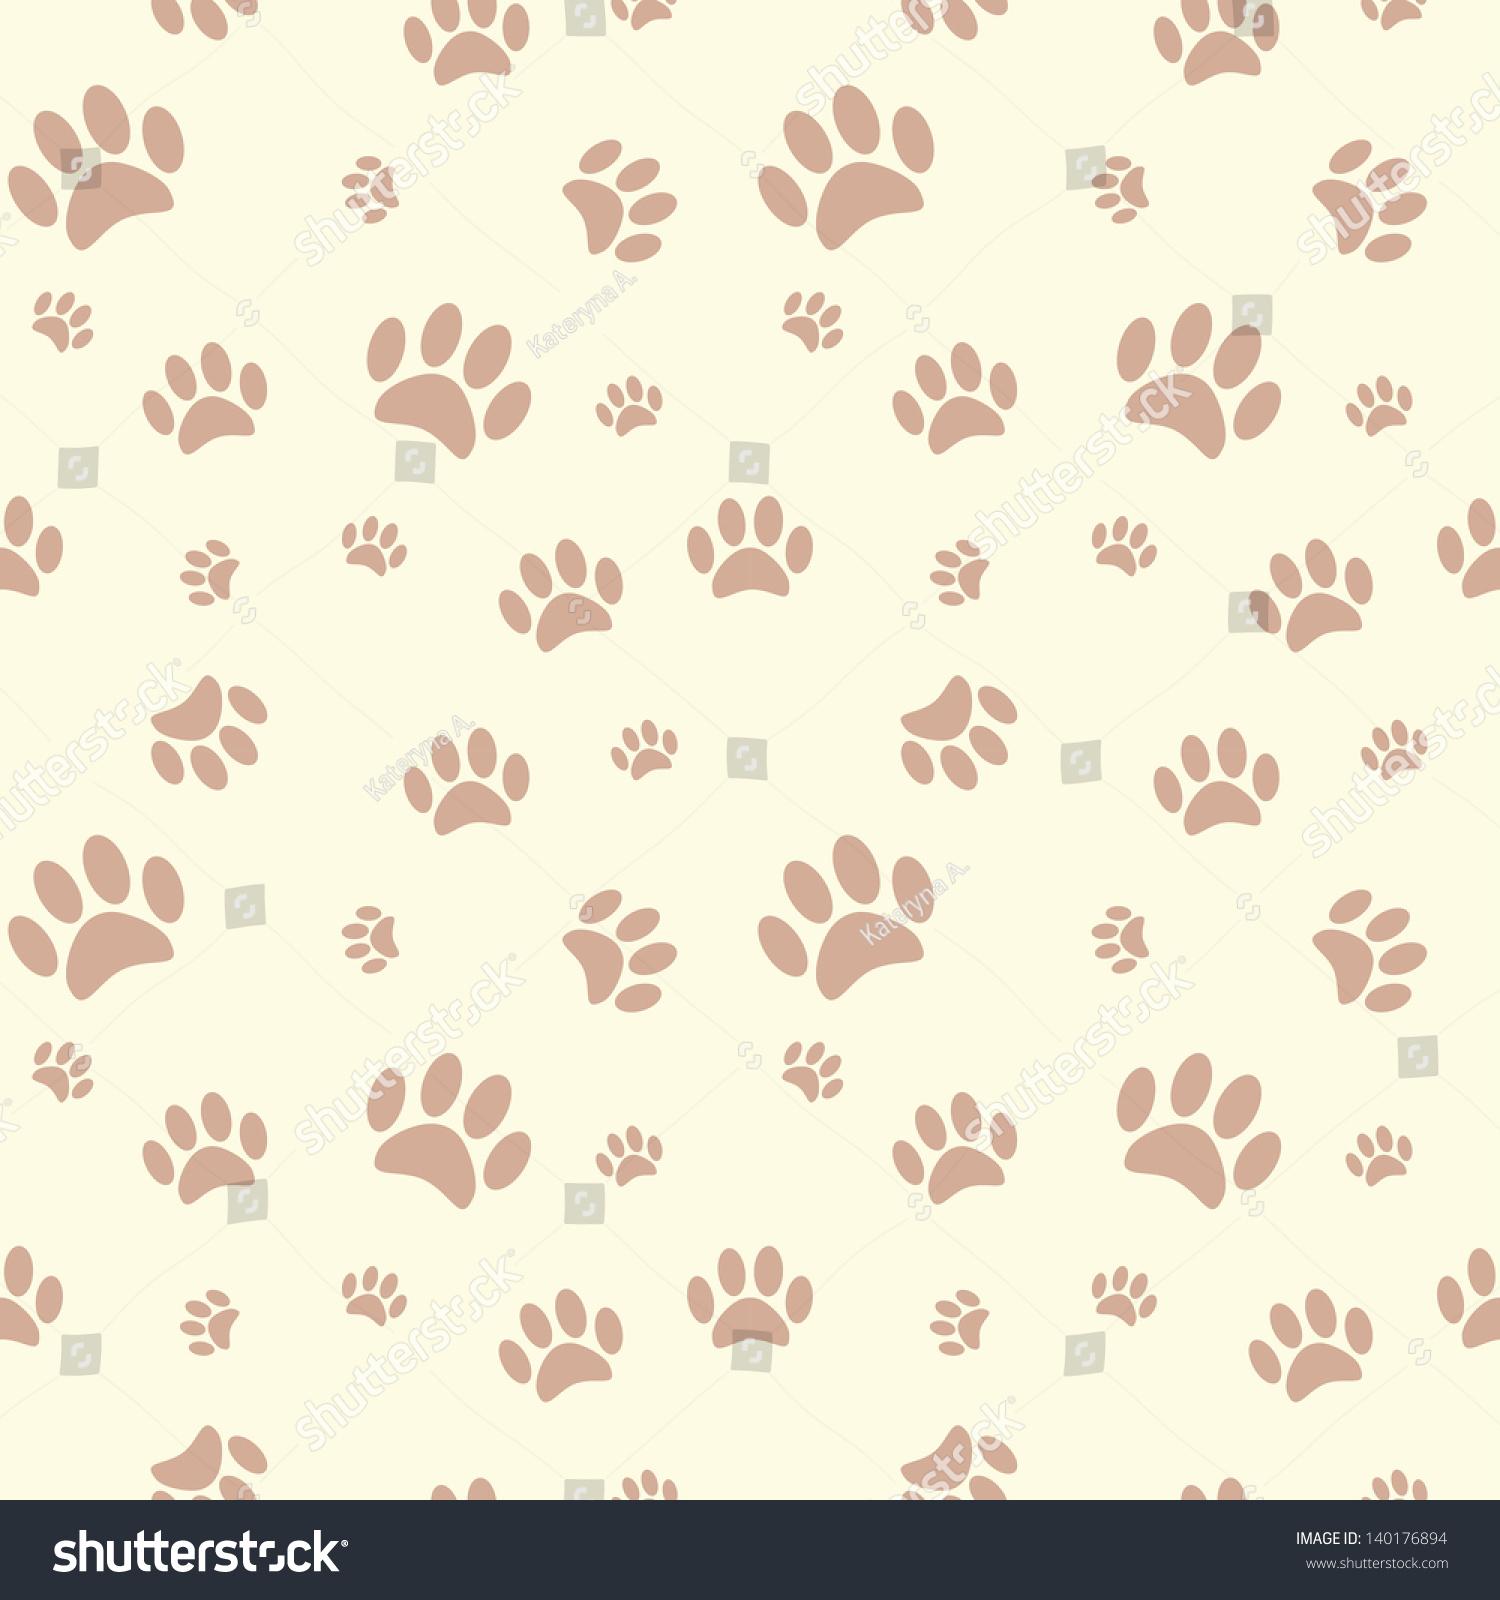 背景,狗爪印和骨骼-动物/野生生物